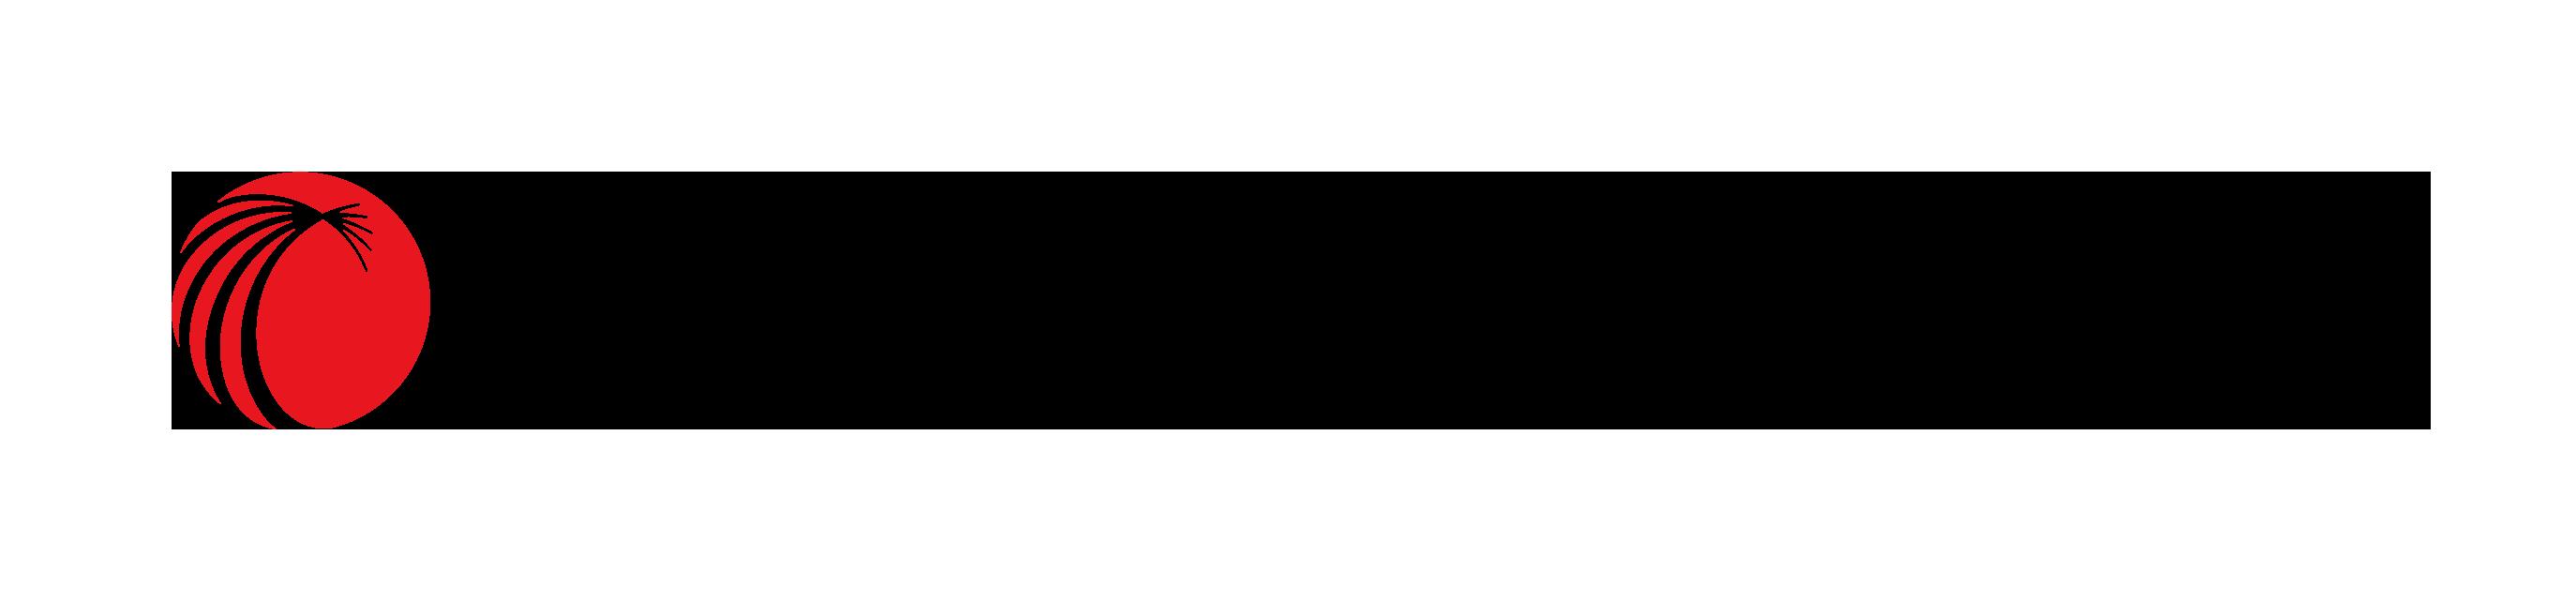 PatentSight by LexisNexis